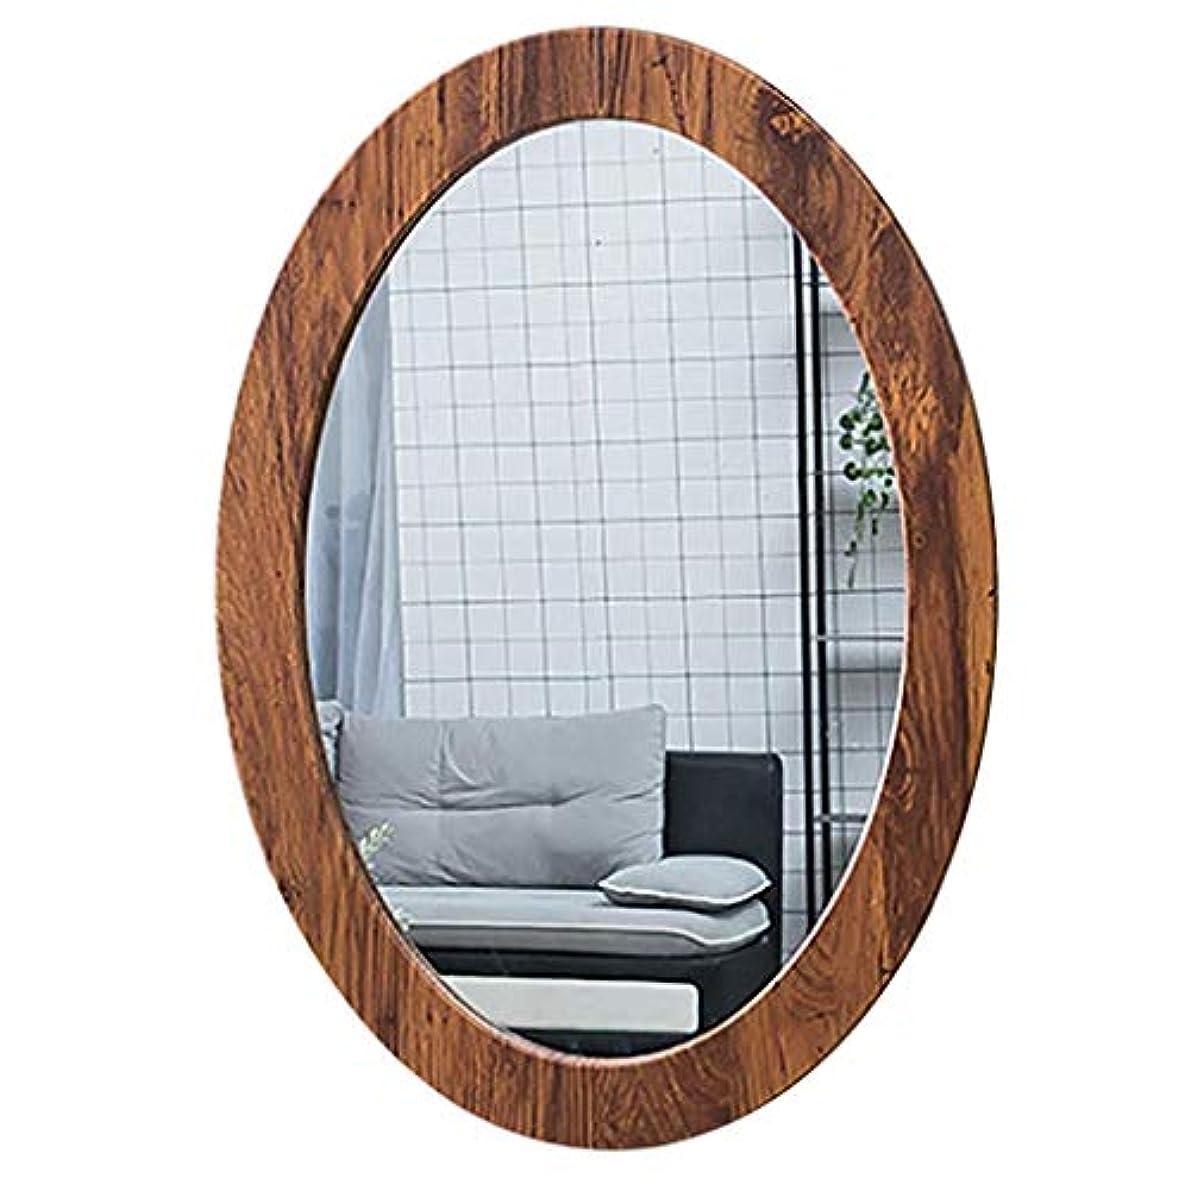 第三言い訳ブラジャーSelm 浴室ミラー壁掛け、洗面化粧台オーバルpvcフレーム化粧鏡用浴室洗面所廊下 (Color : Wood Grain, Size : 40CMx60CM)